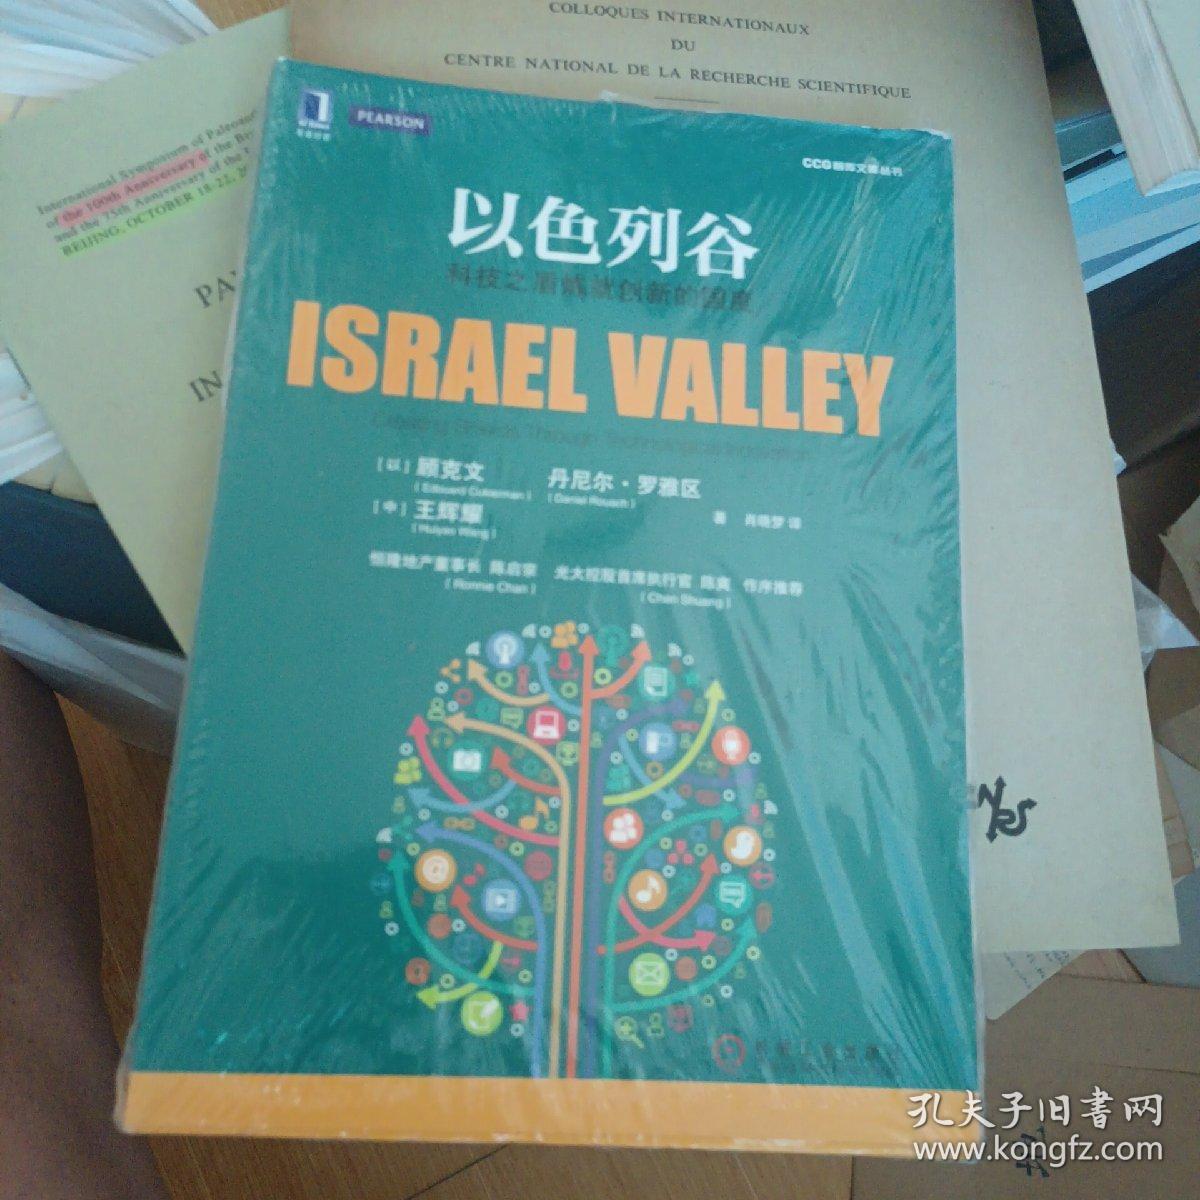 以色列谷:科技之盾炼就创新的国度(全新未开封)